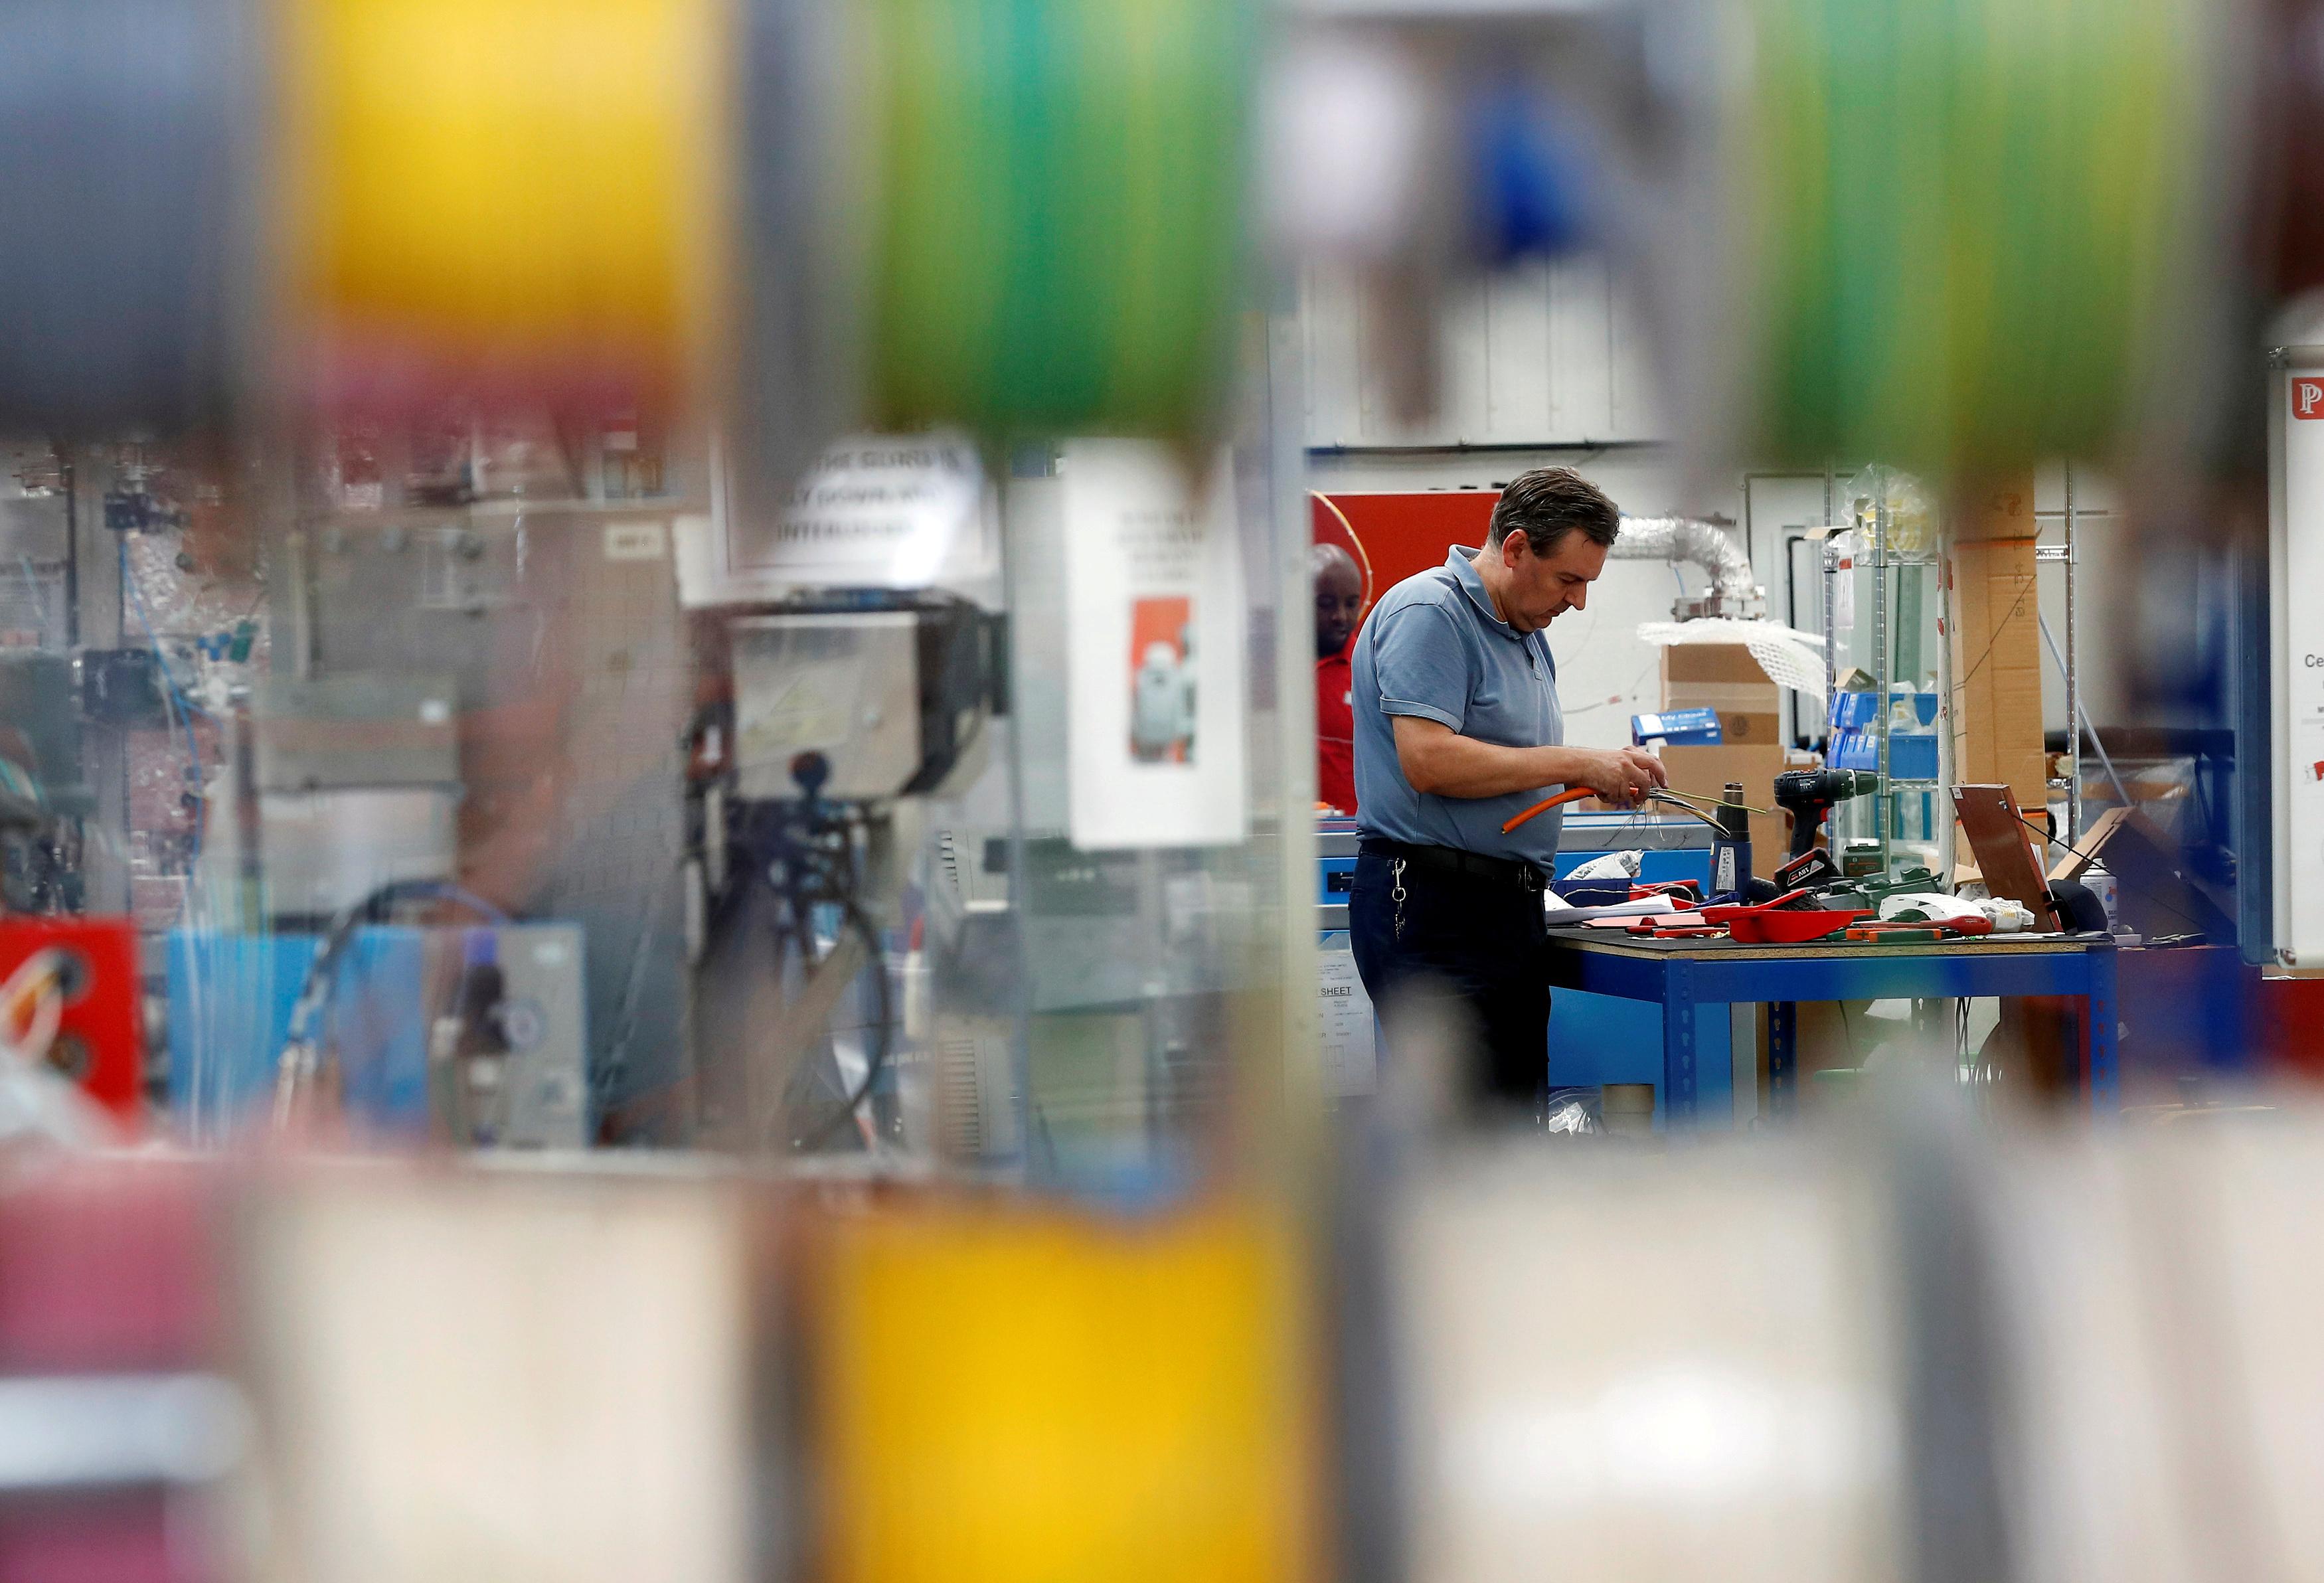 Zone euro : Bruxelles revoit à la baisse les prévisions de croissance pour 2020